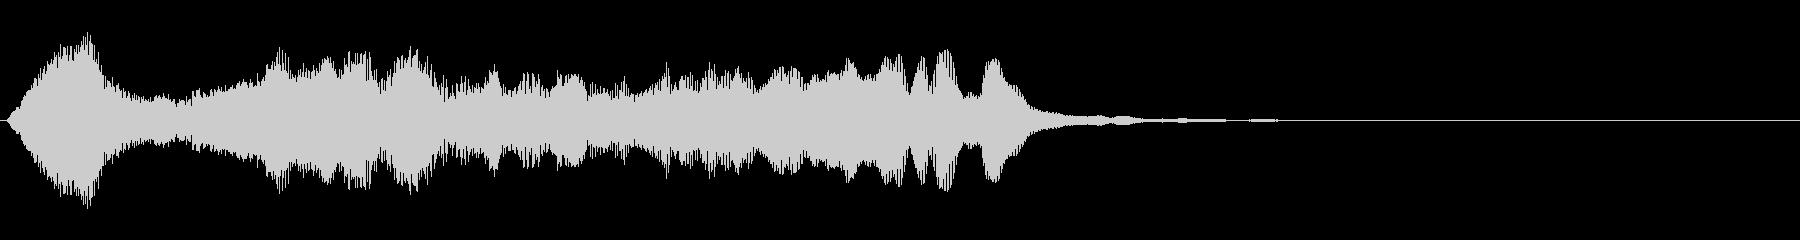 のほほんジングル017_神秘的+3の未再生の波形